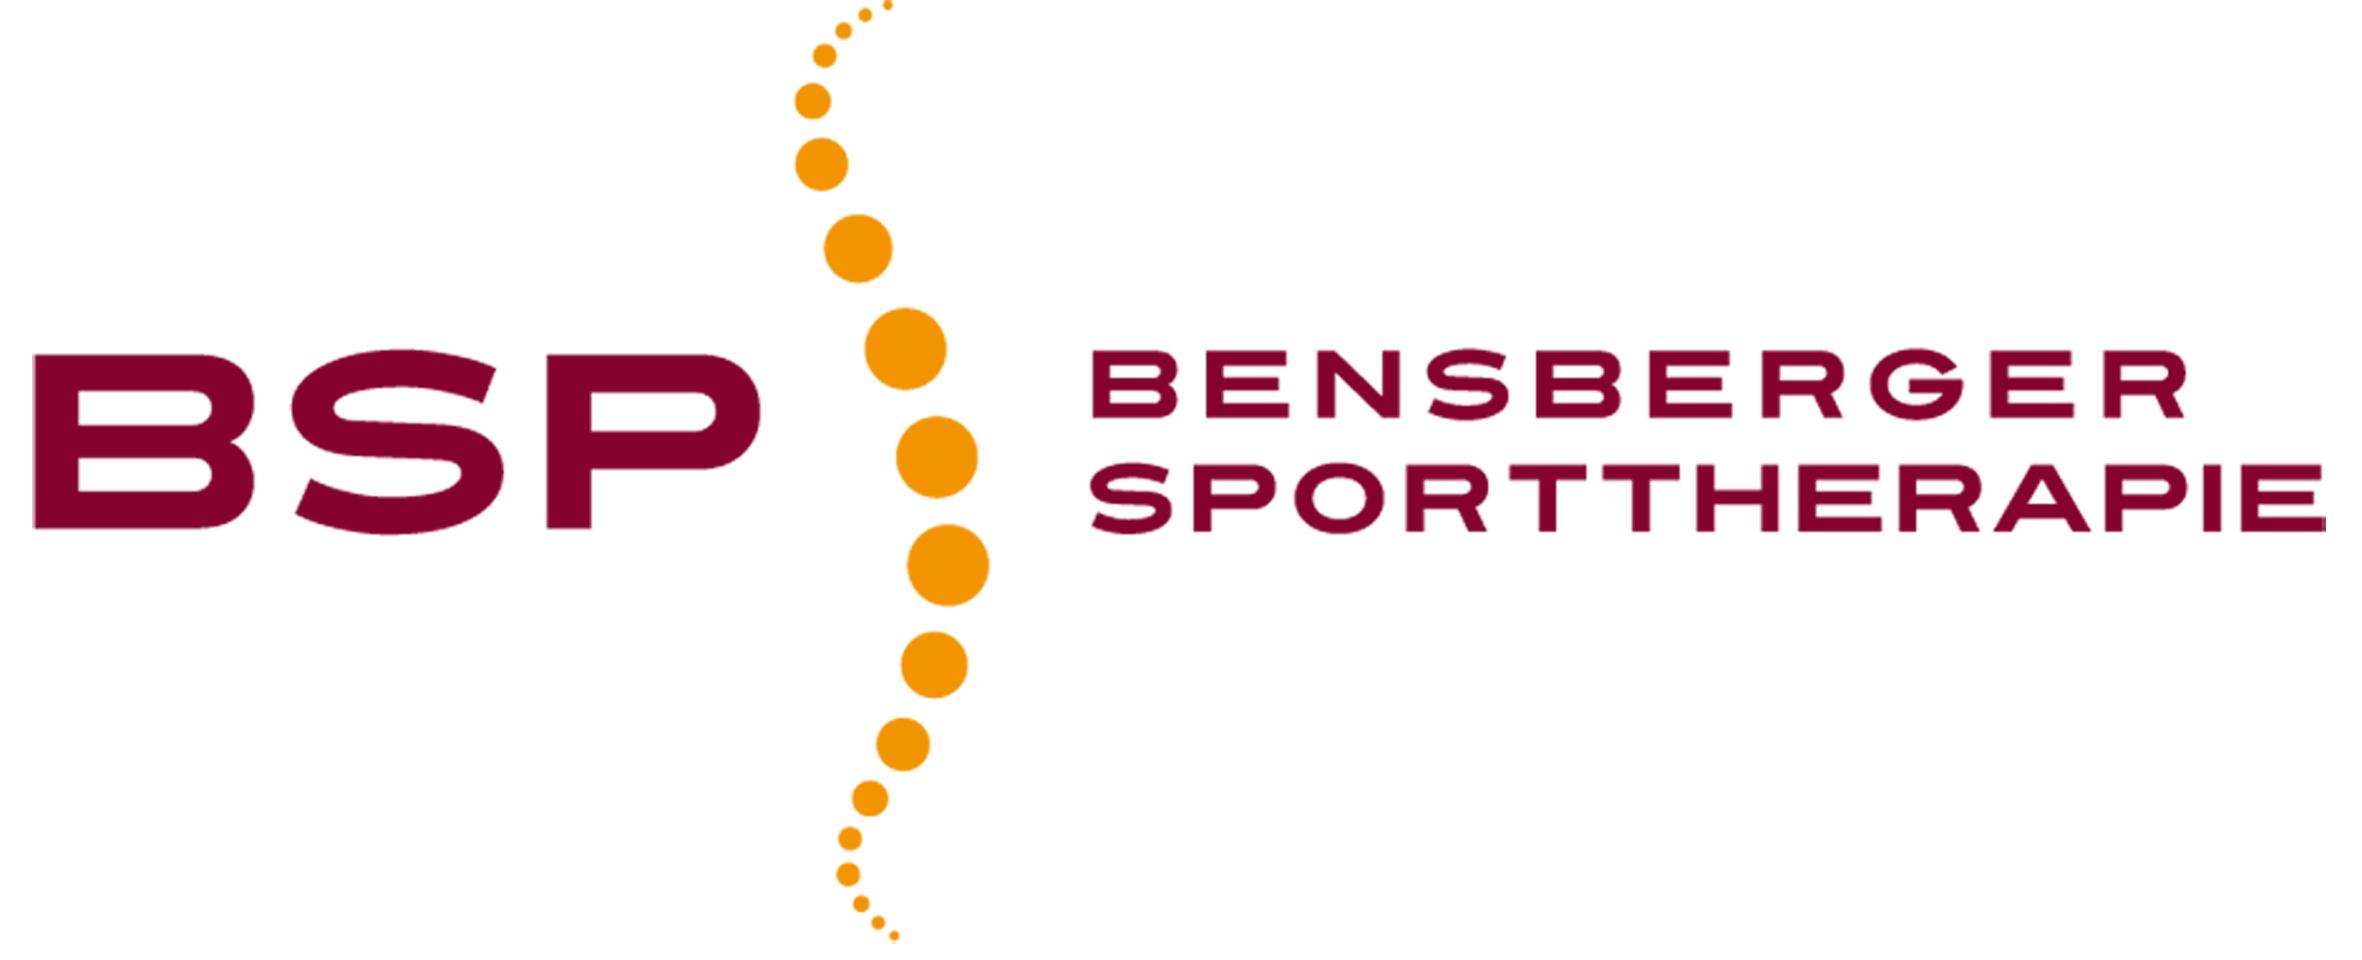 BSP – Bensberger Sporttherapie e. V.